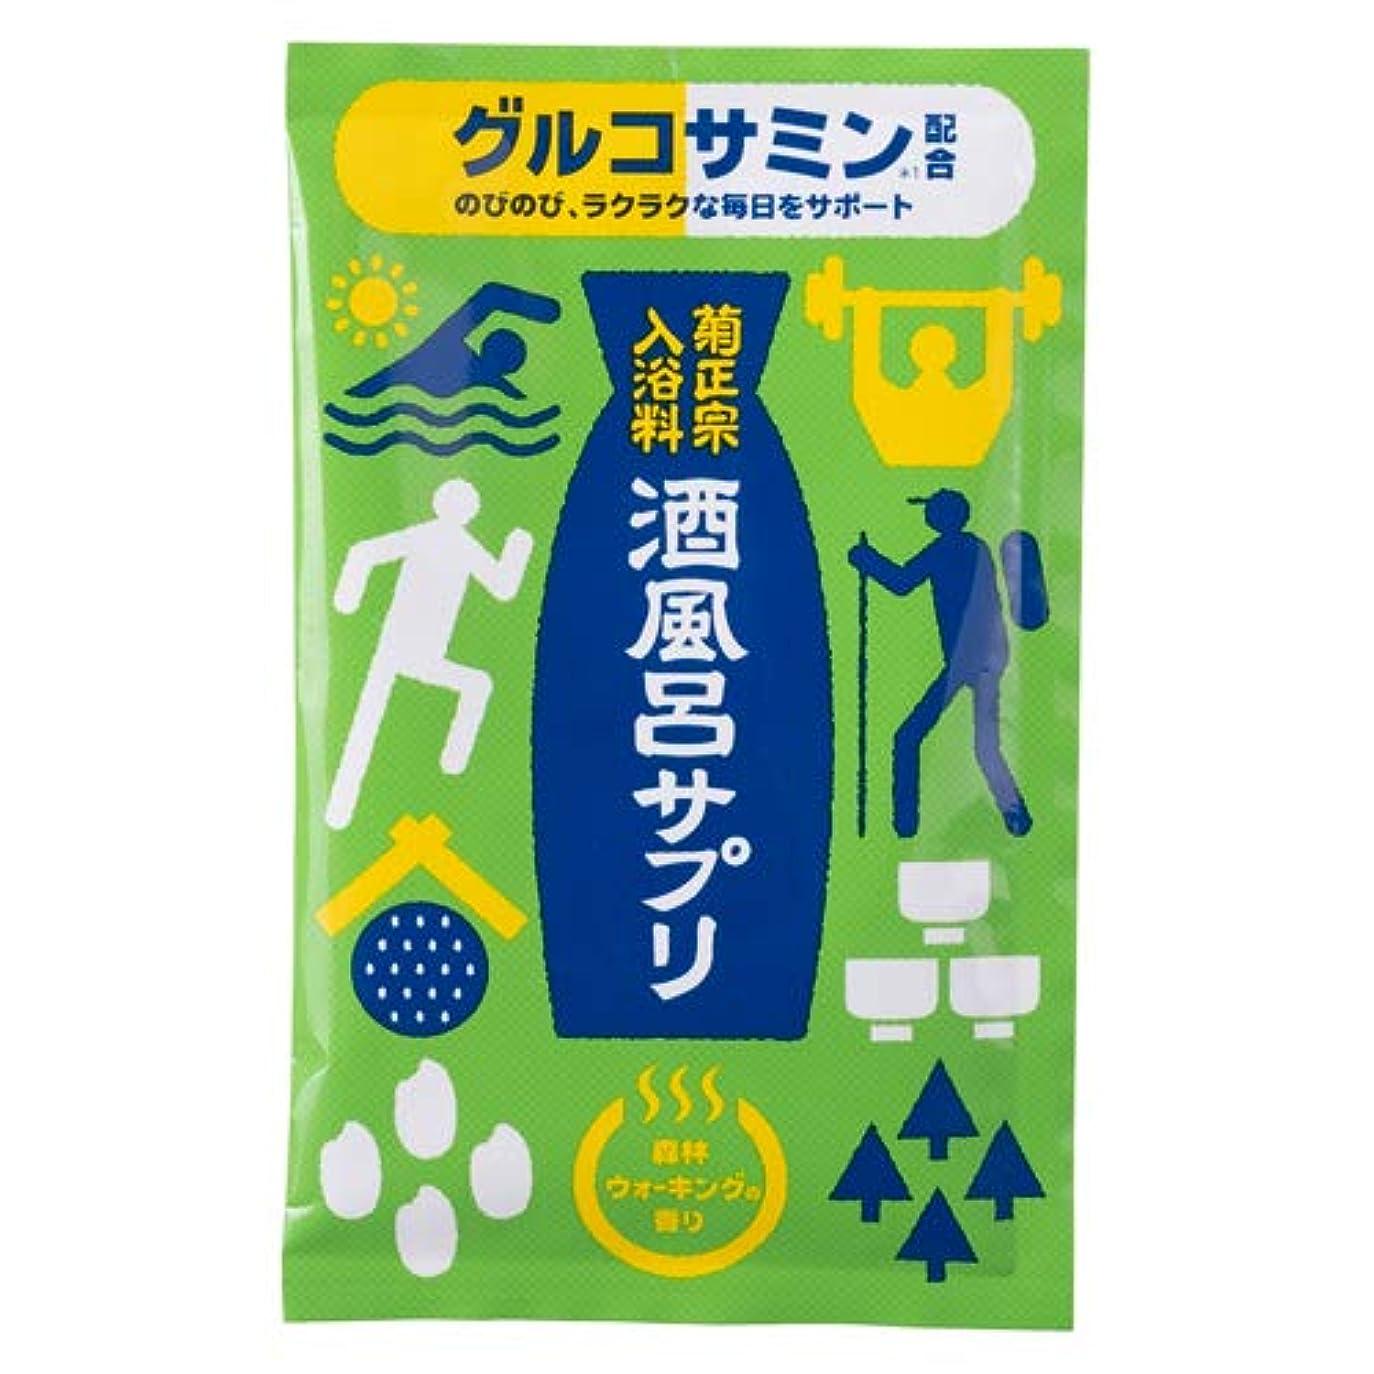 反毒スリル反毒菊正宗 入浴料 酒風呂サプリ グルコサミン